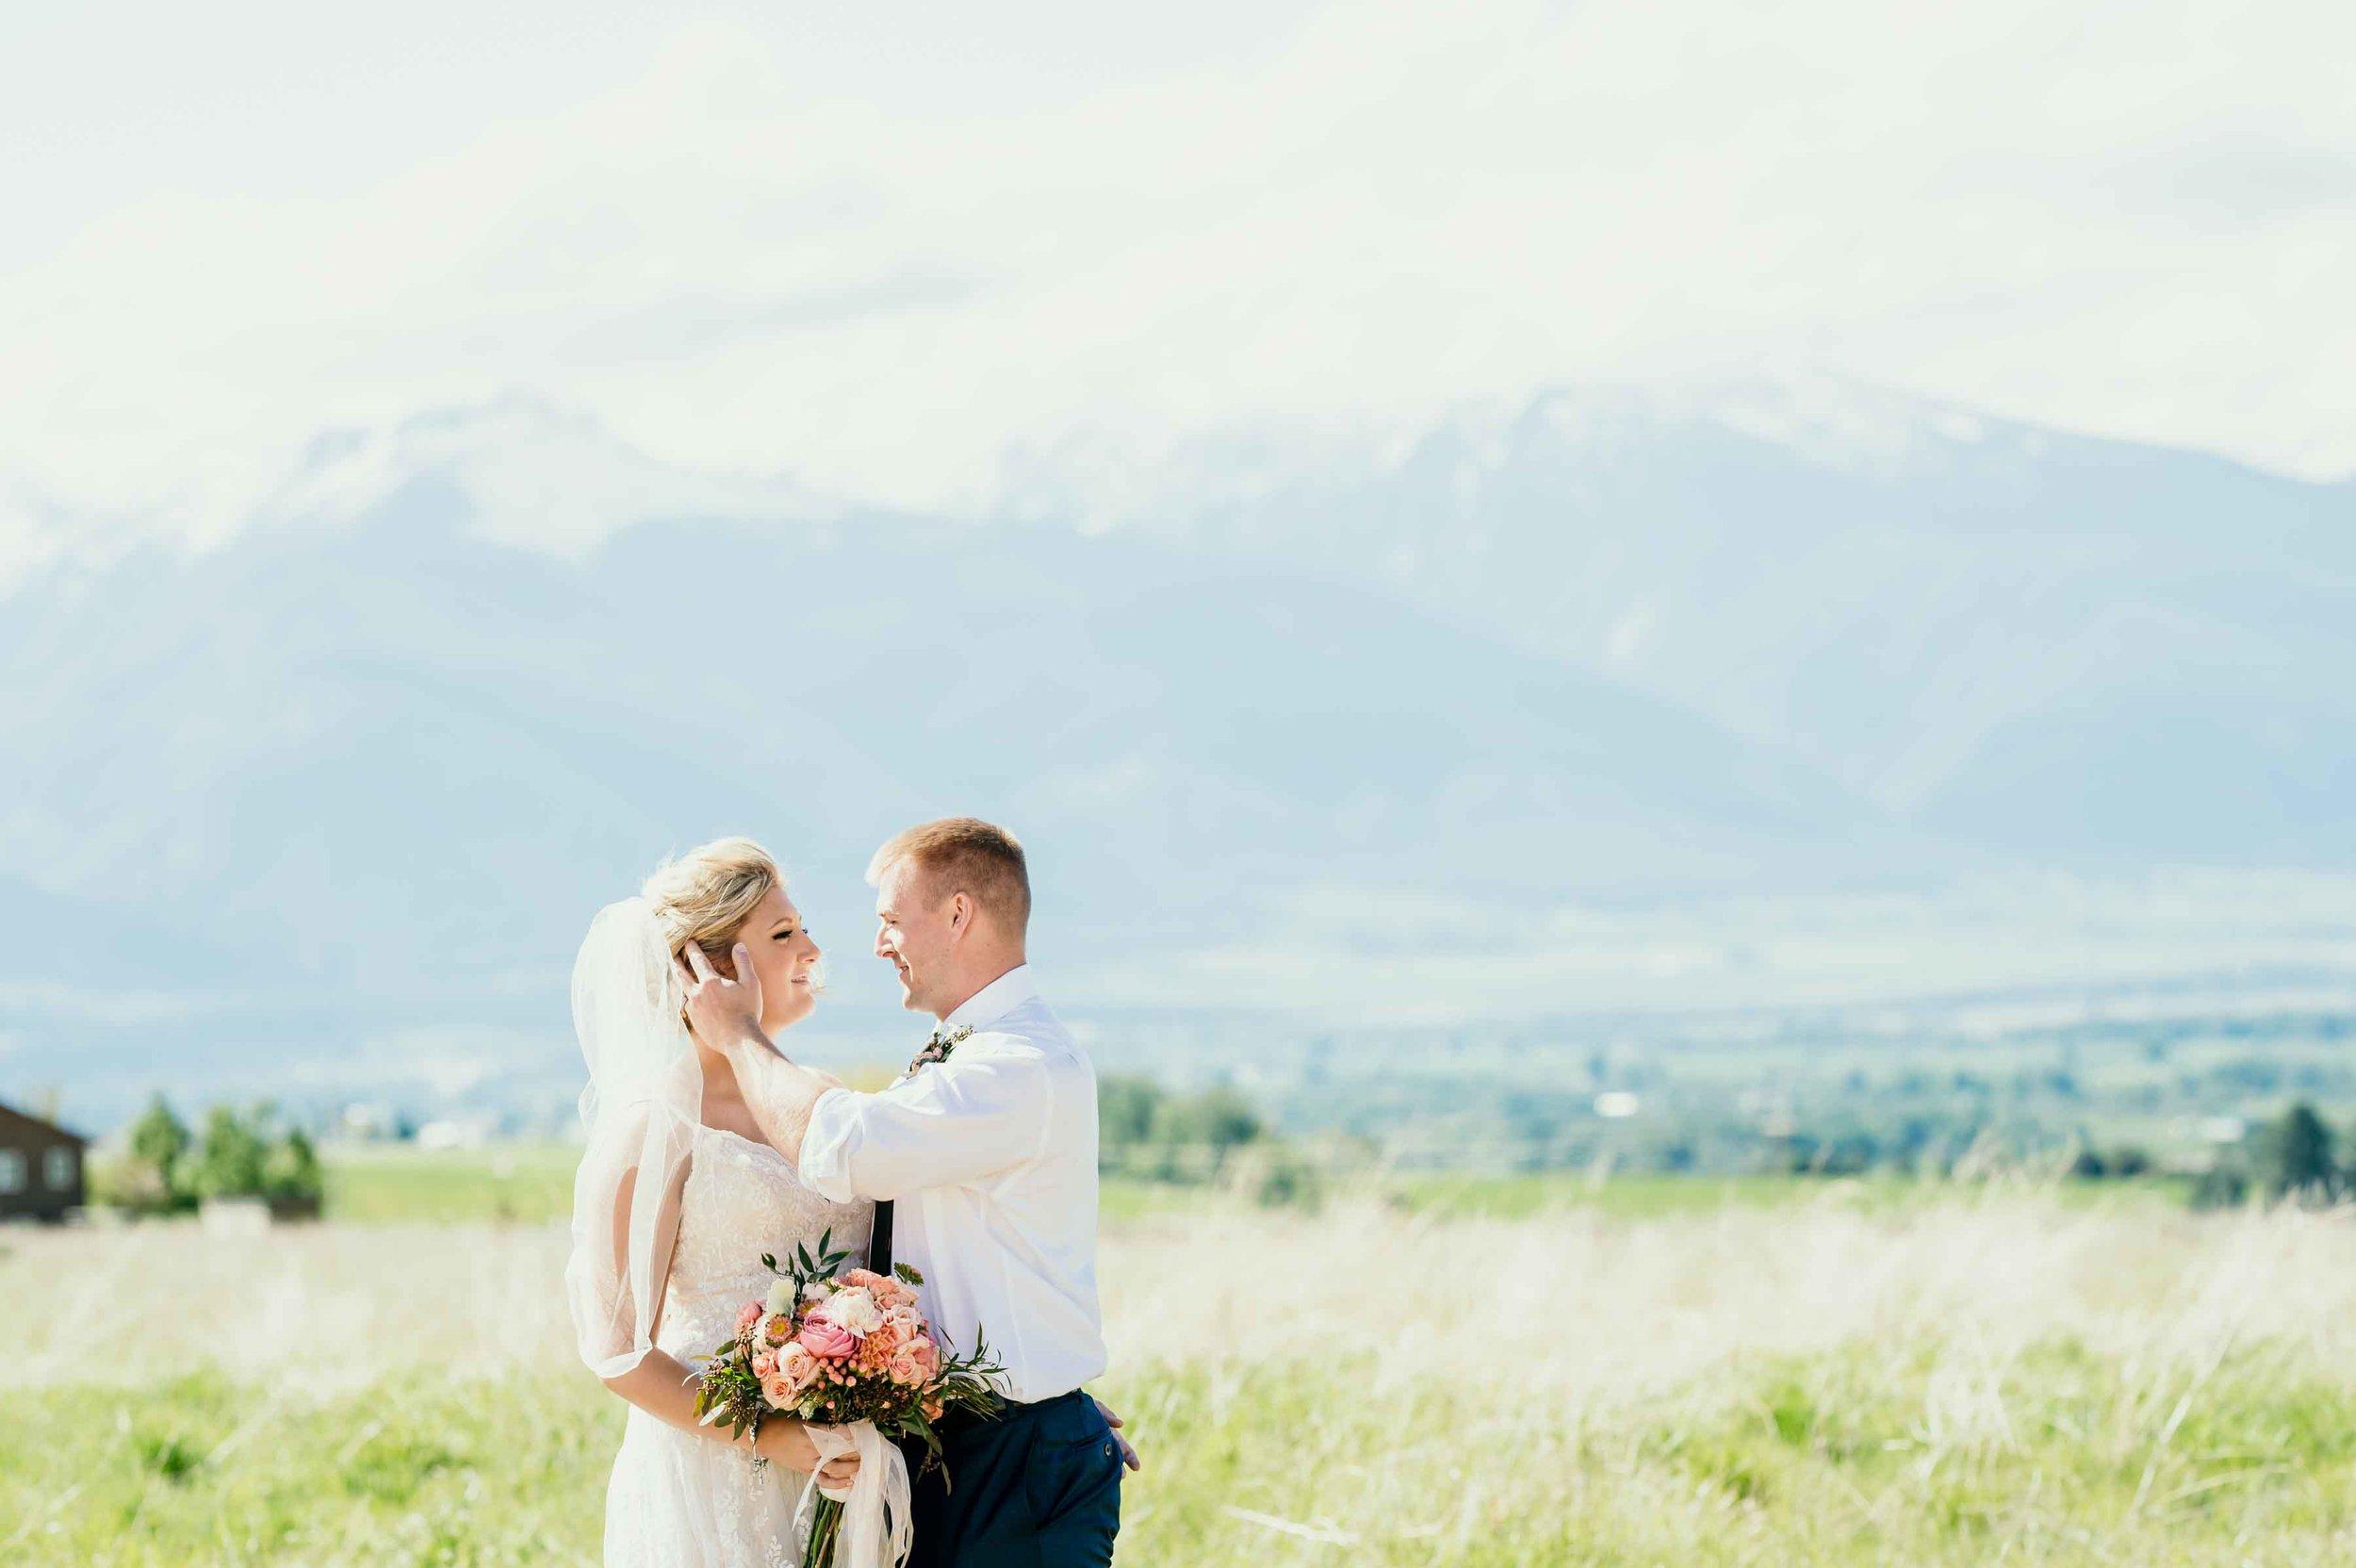 314 Montana Wedding Photographer_Doherty 2018-2436.jpg